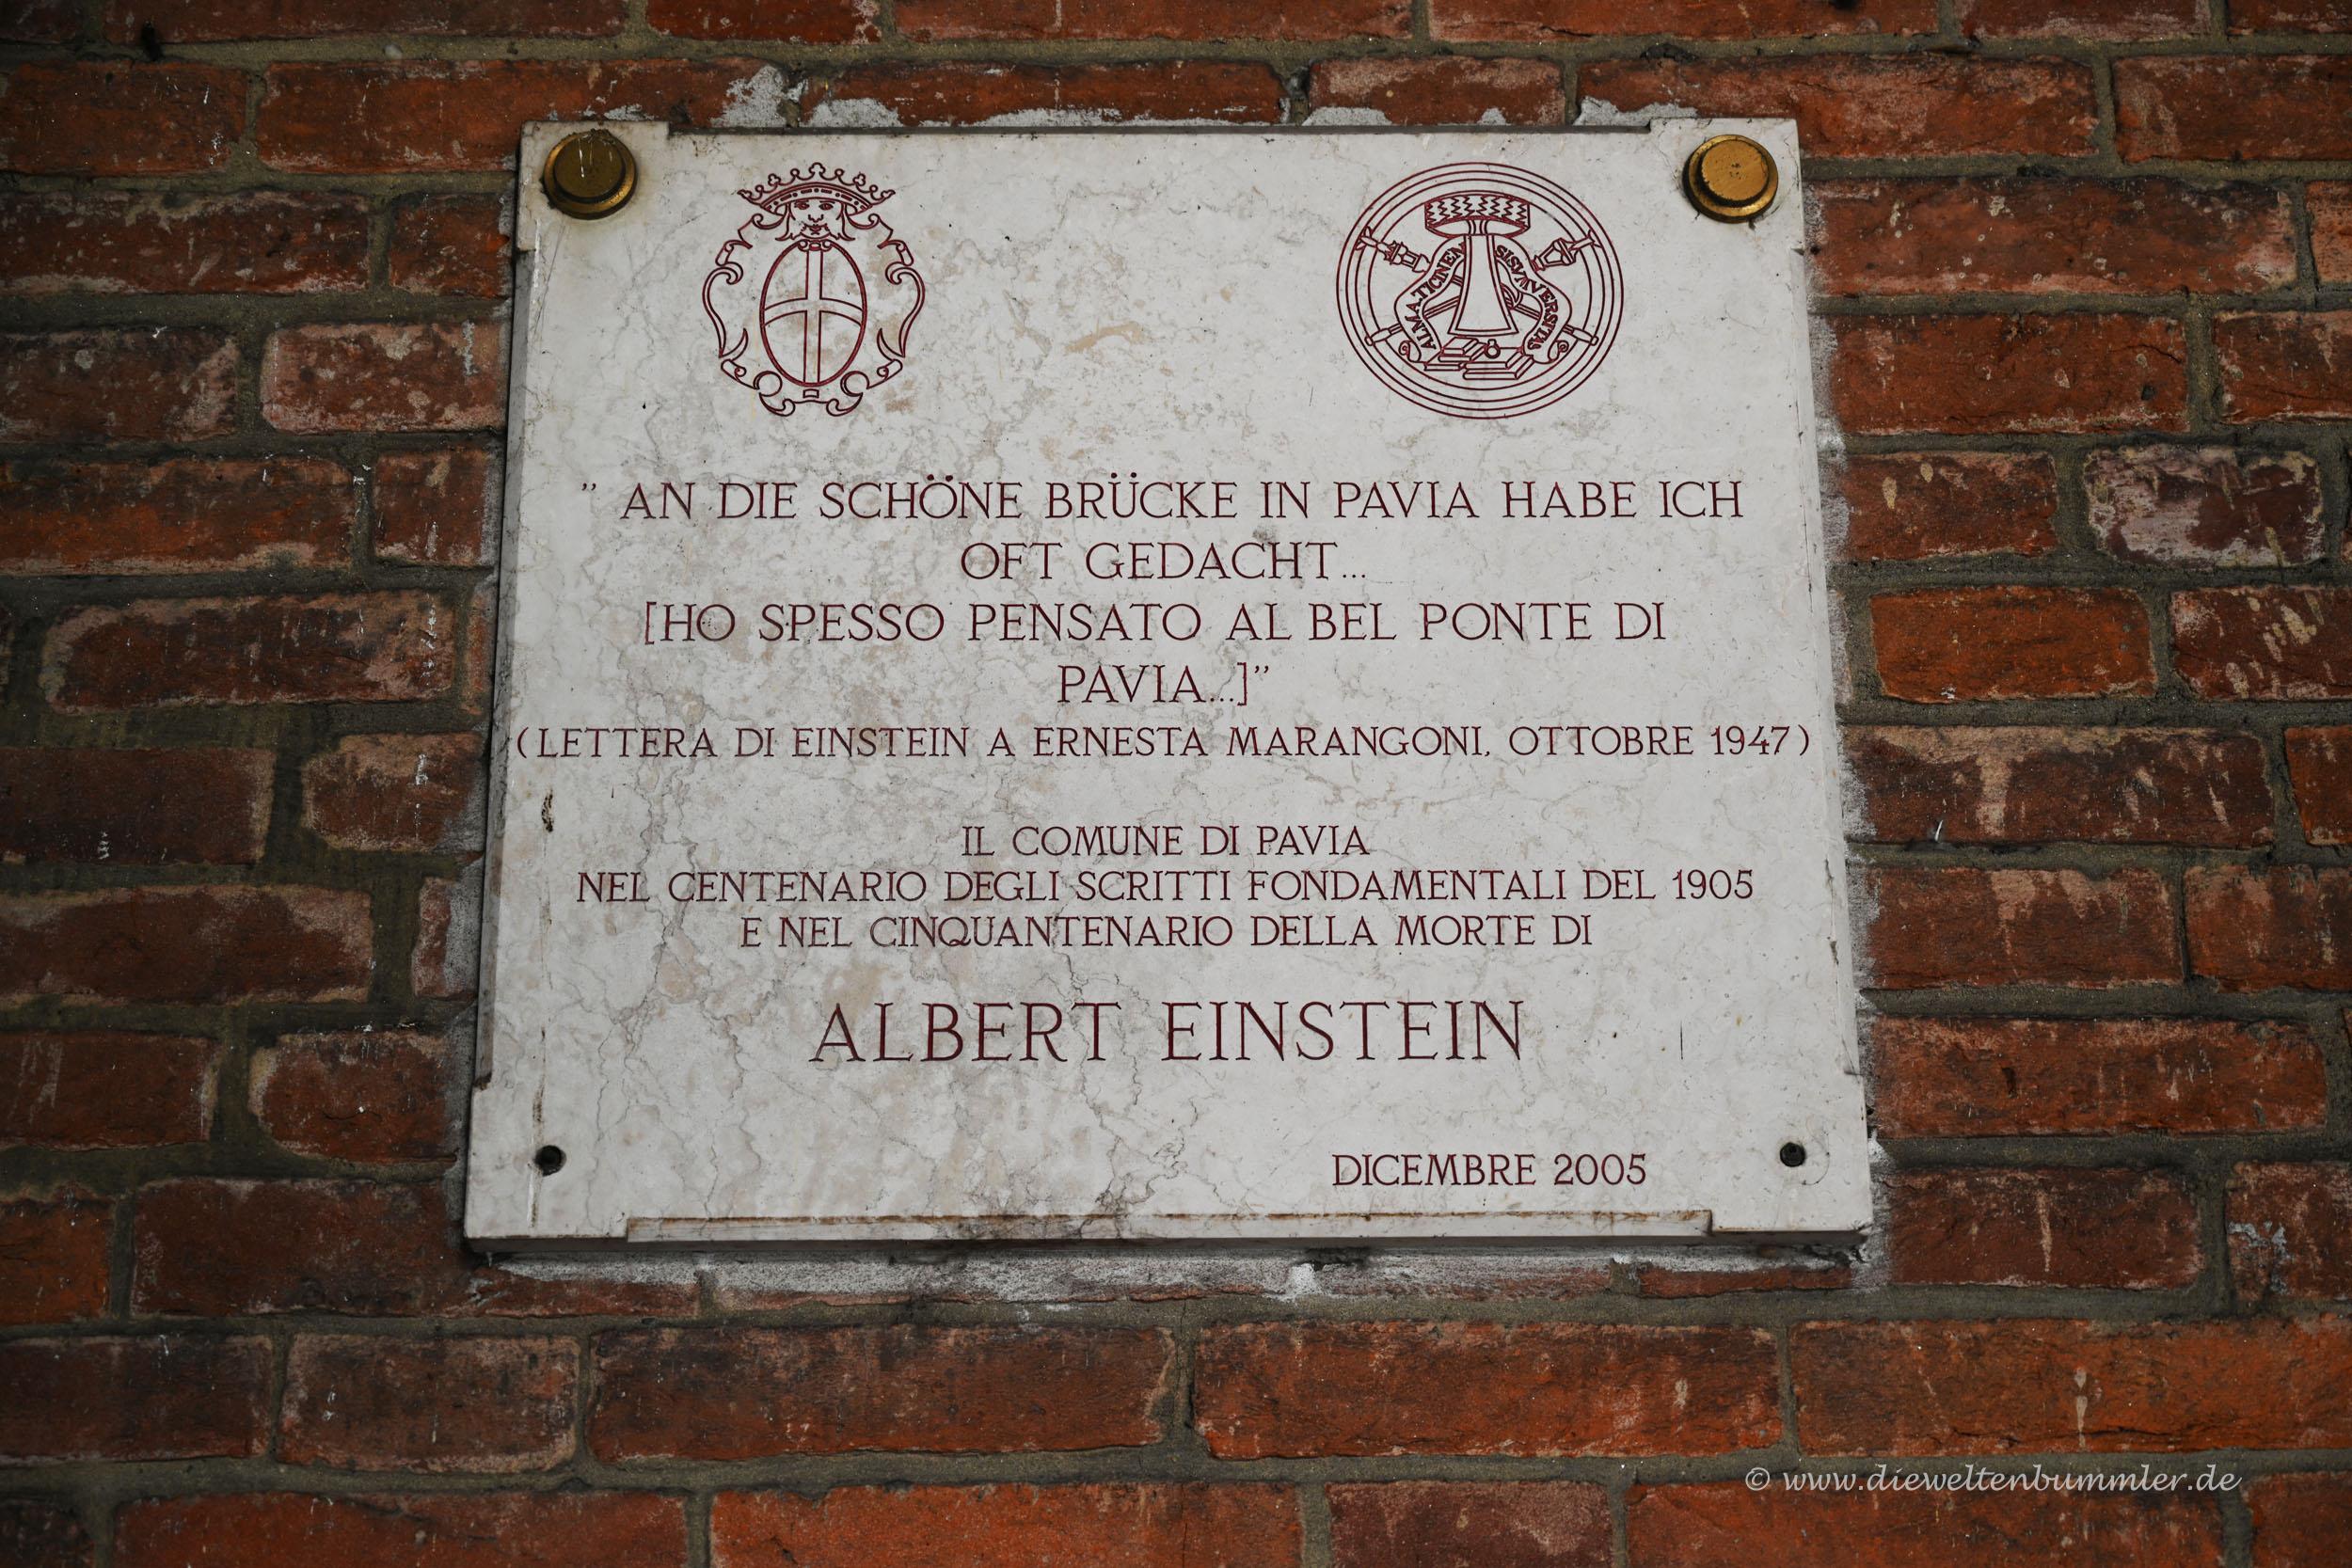 Erinnerung an Albert Einstein in Pavia